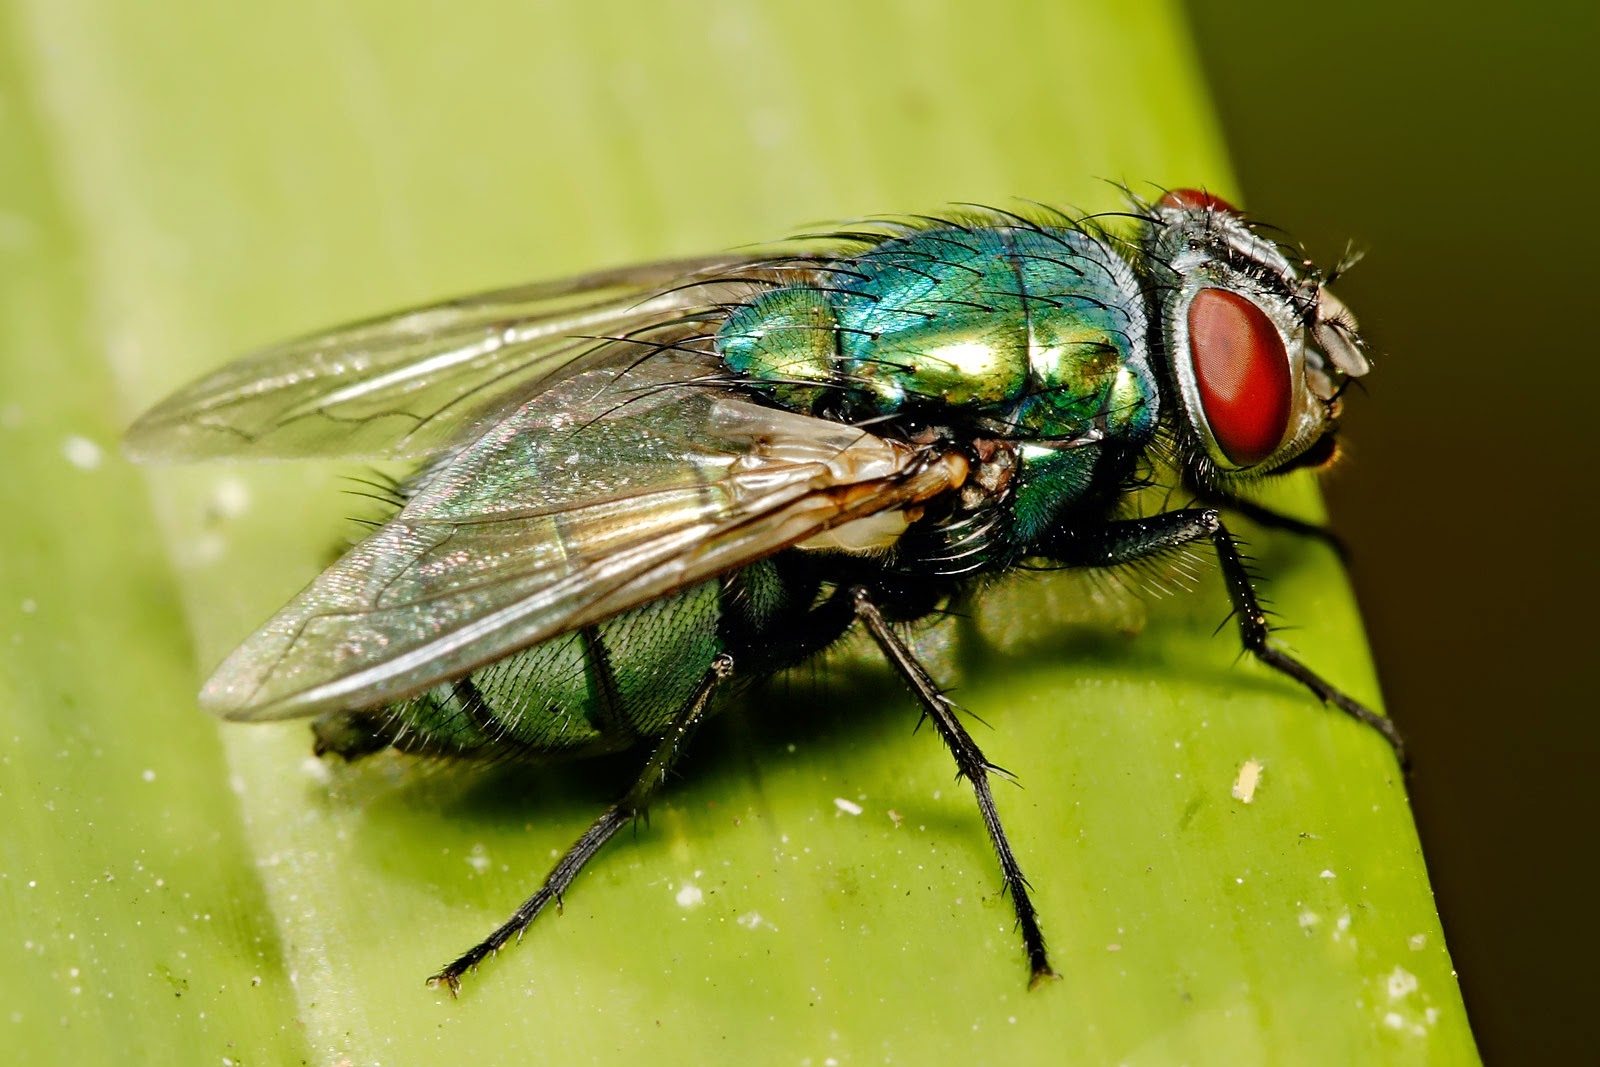 Estudo verificou que 30% dos microrganismos encontrados nos insetos podem causar doenças, como peste bubônica, gastrite, úlcera e câncer de estômago. CC